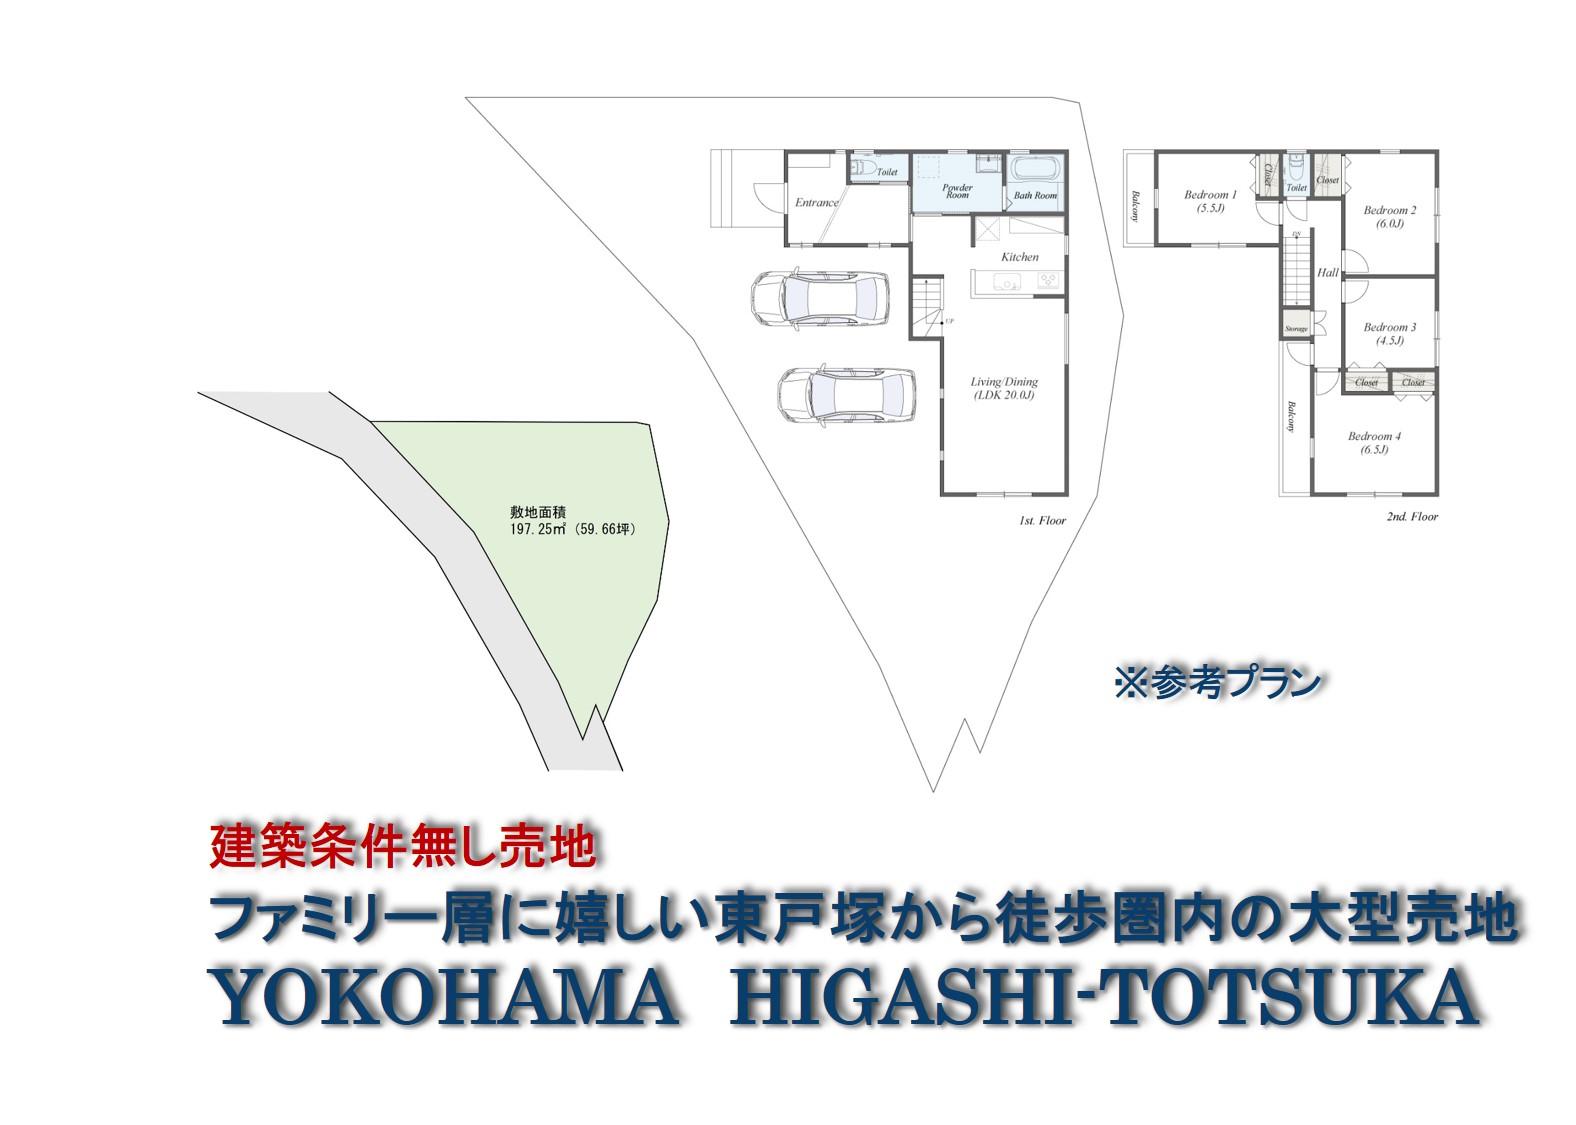 ファミリー層に嬉しい東戸塚から徒歩圏内の大型売地|YOKOHAMA HIGASHI-TOTSUKA